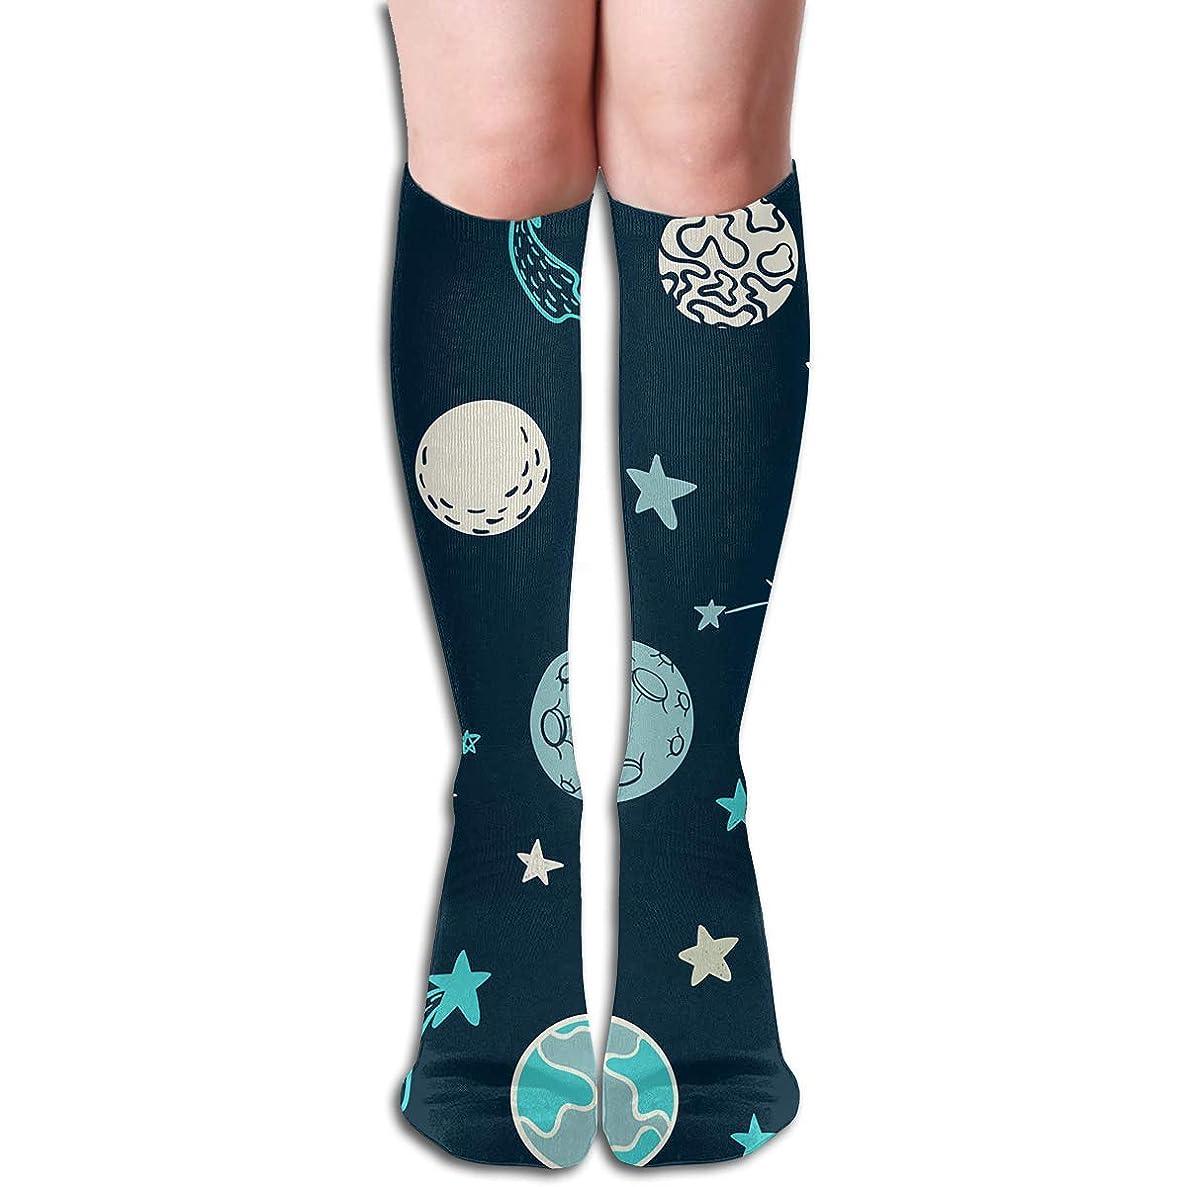 スポットミシン目飢えqrriyスペースチューブストッキングレディース冬暖かい膝ハイソックスブーツ靴下